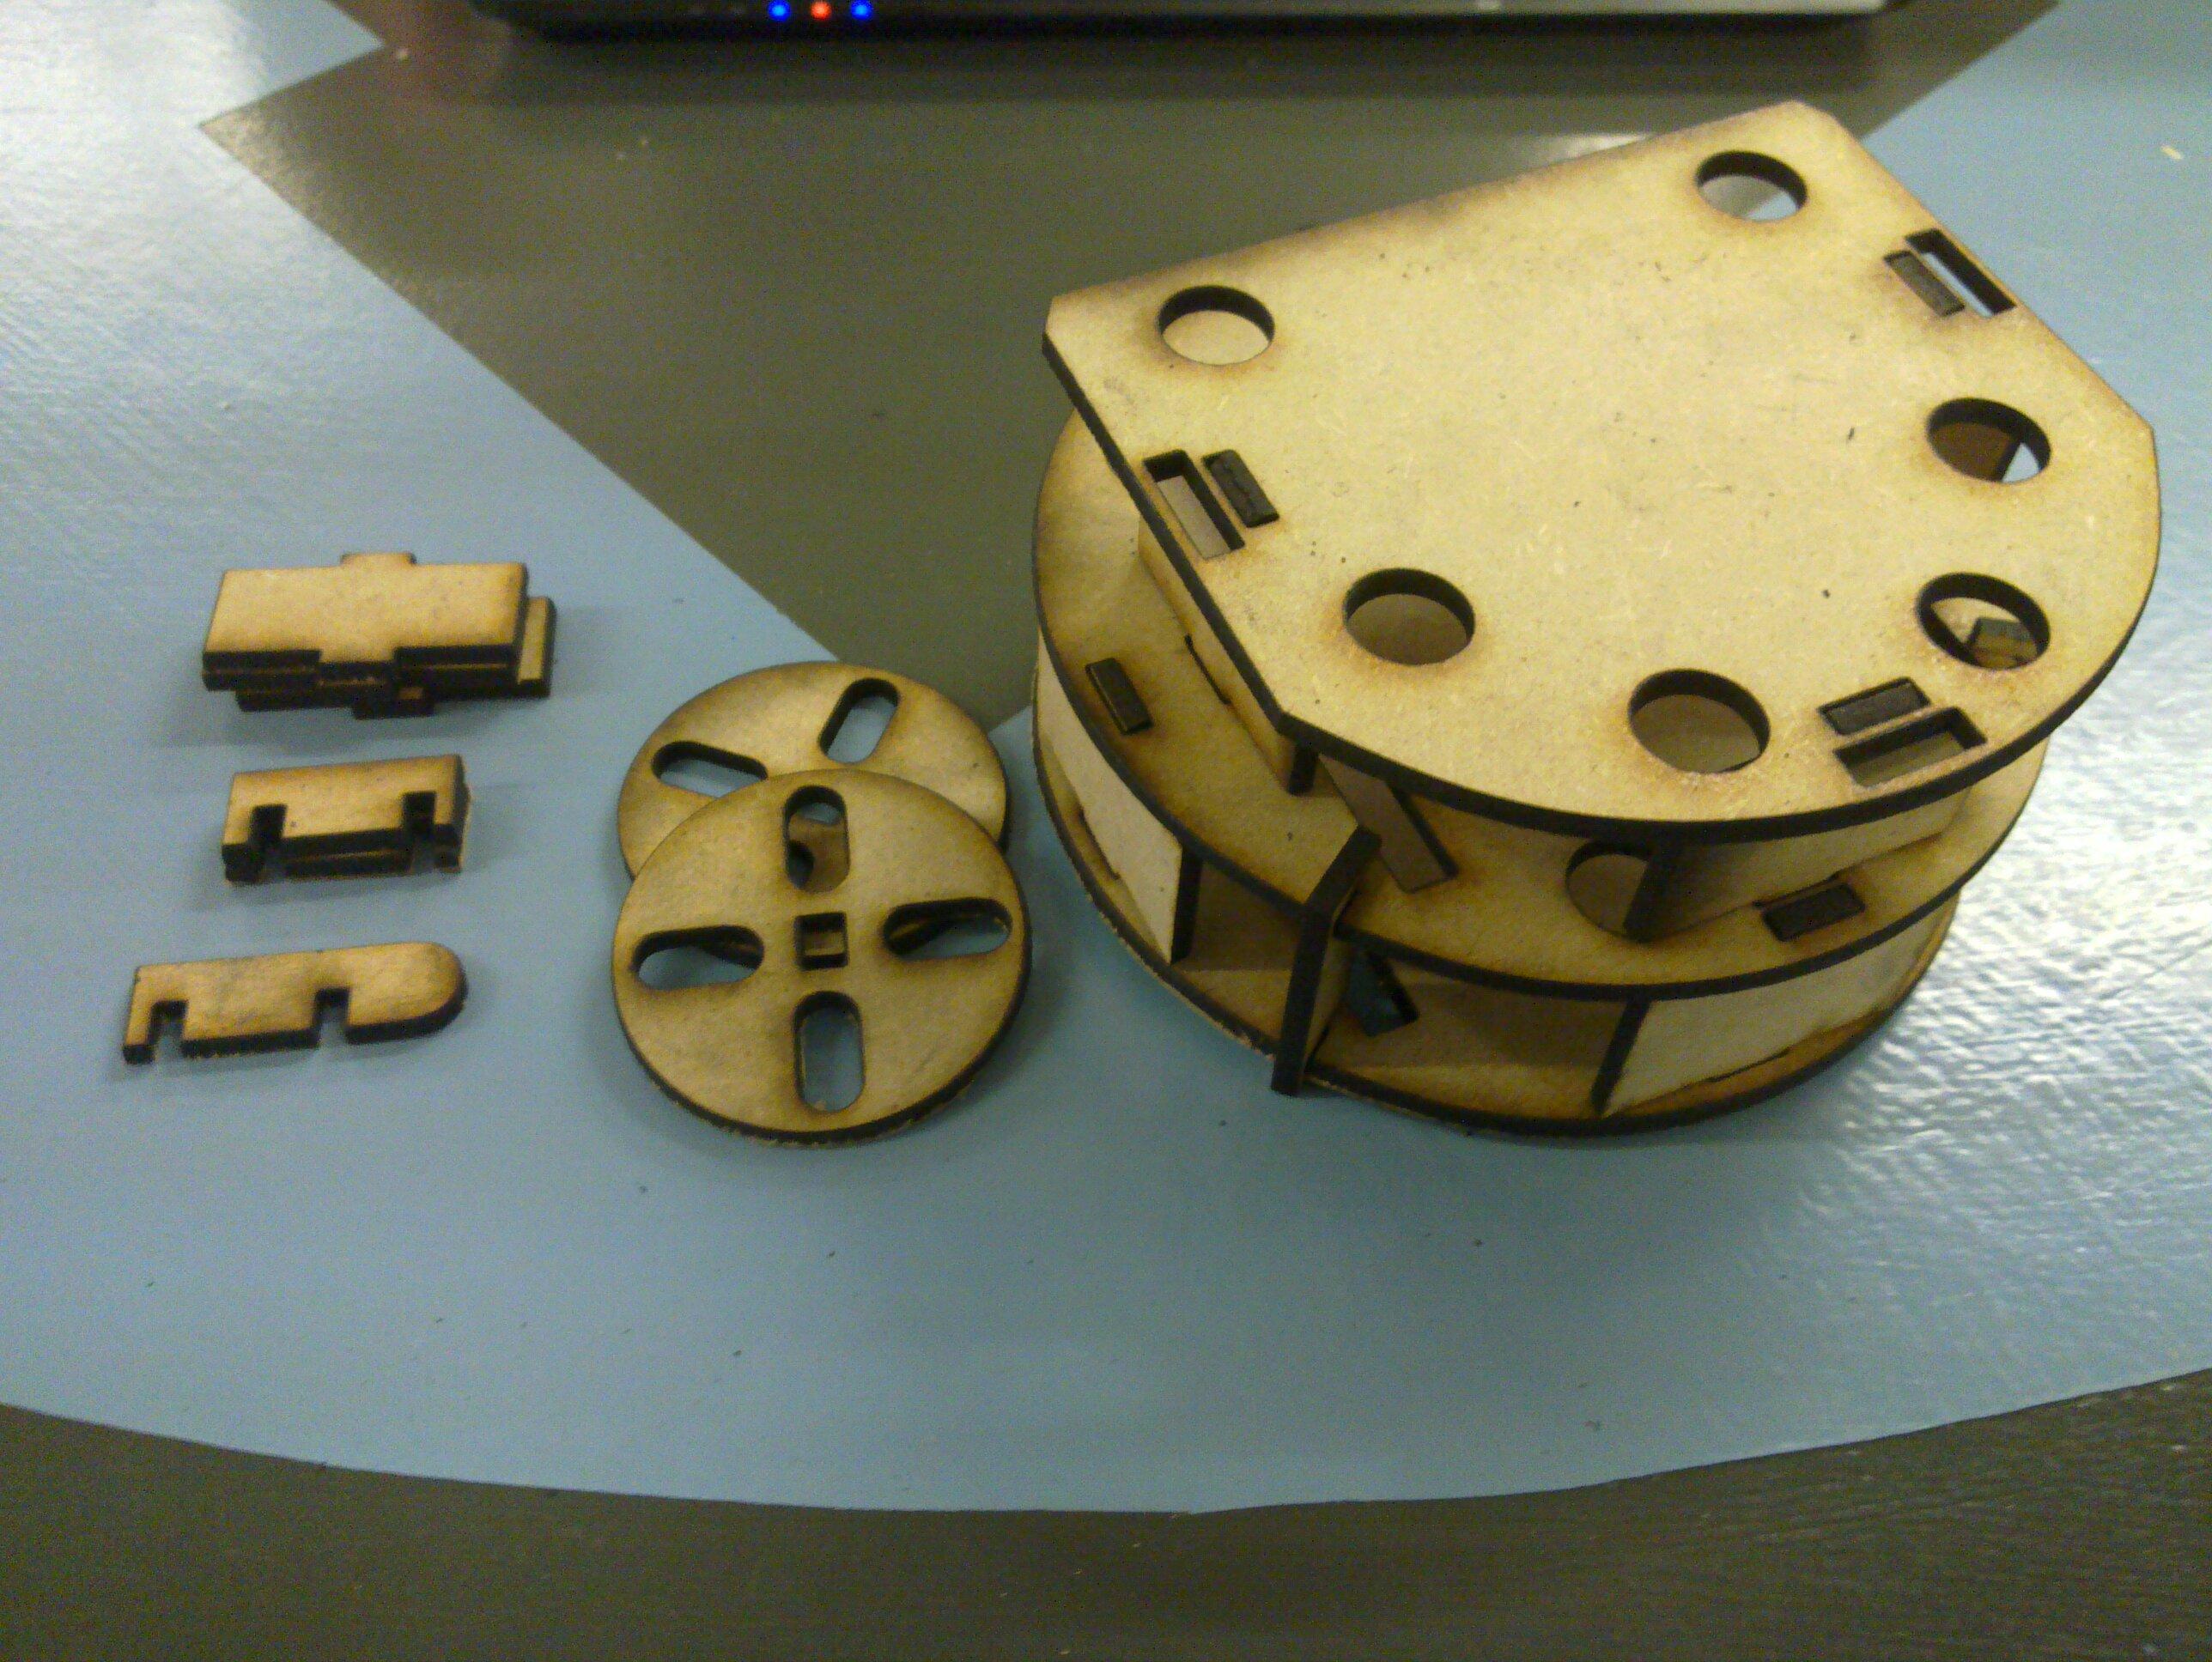 Assembled ShrimpBot frame